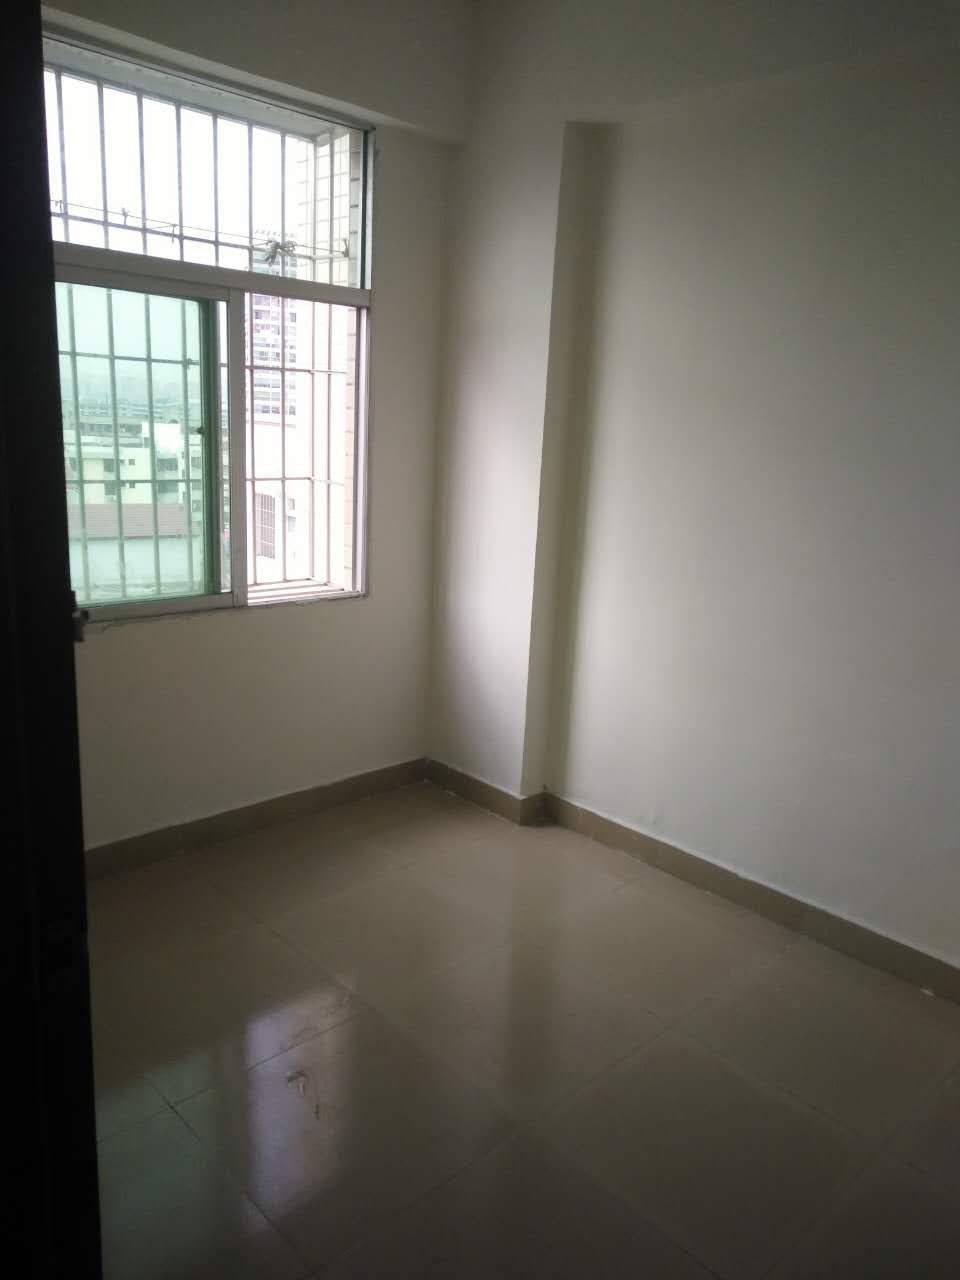 深圳小产权房52万三房85平方米,沙井万丰村农民房带装修出售 搜房 现房 团购 三房二厅 第10张